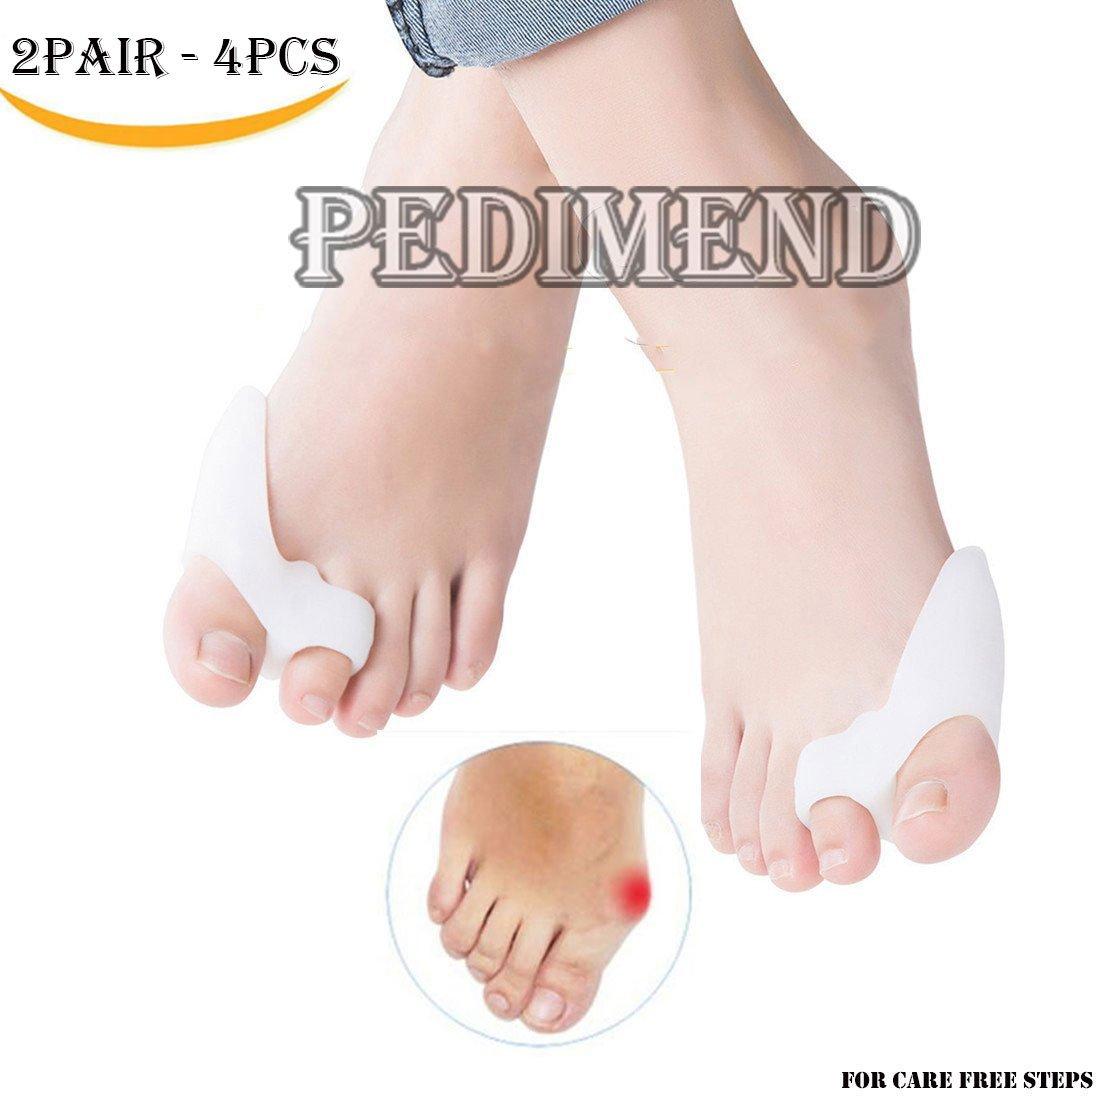 Pedimend da pezzi di alluce valgo correttore & Bunion toe protezioni per alluce valgo trattamento–Gel per dita/separatori/raddrizzatore alluce–allineamento delle dita dei piedi di sostegno–Cuscino da piede, evitare shoe attrito–cura dei piedi